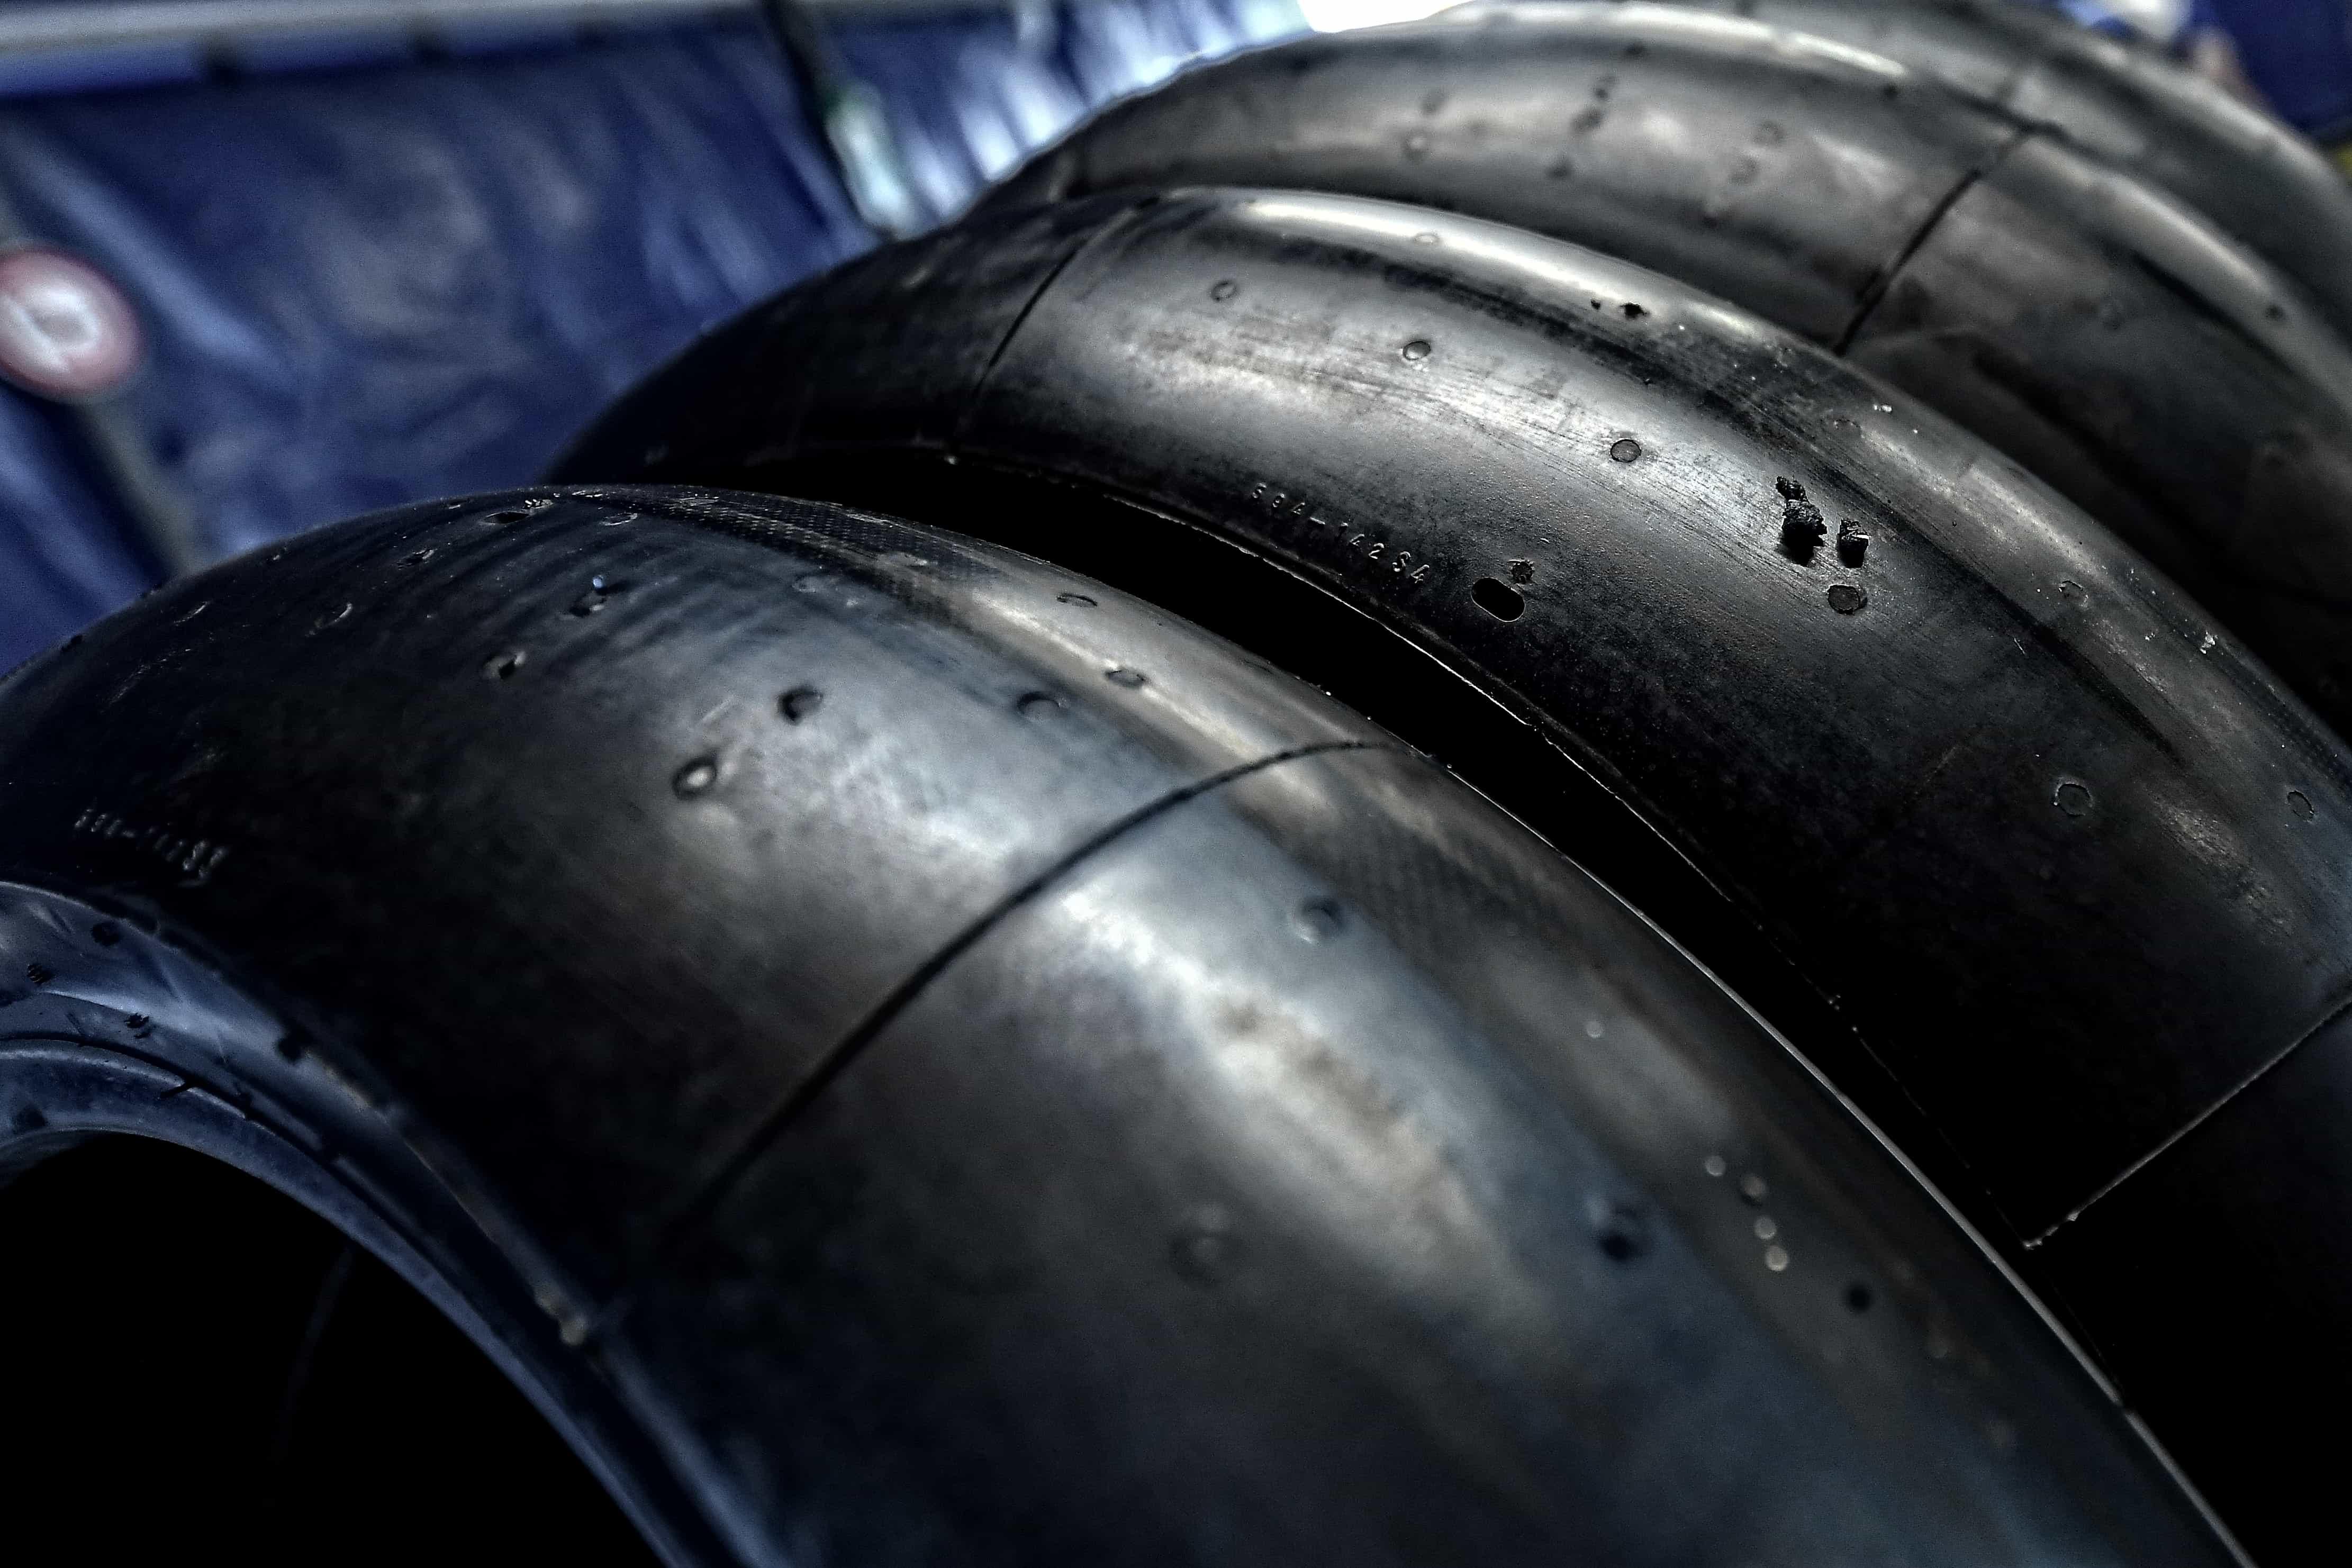 ミシュラン 2020年シーズンに新型リアタイヤを投入